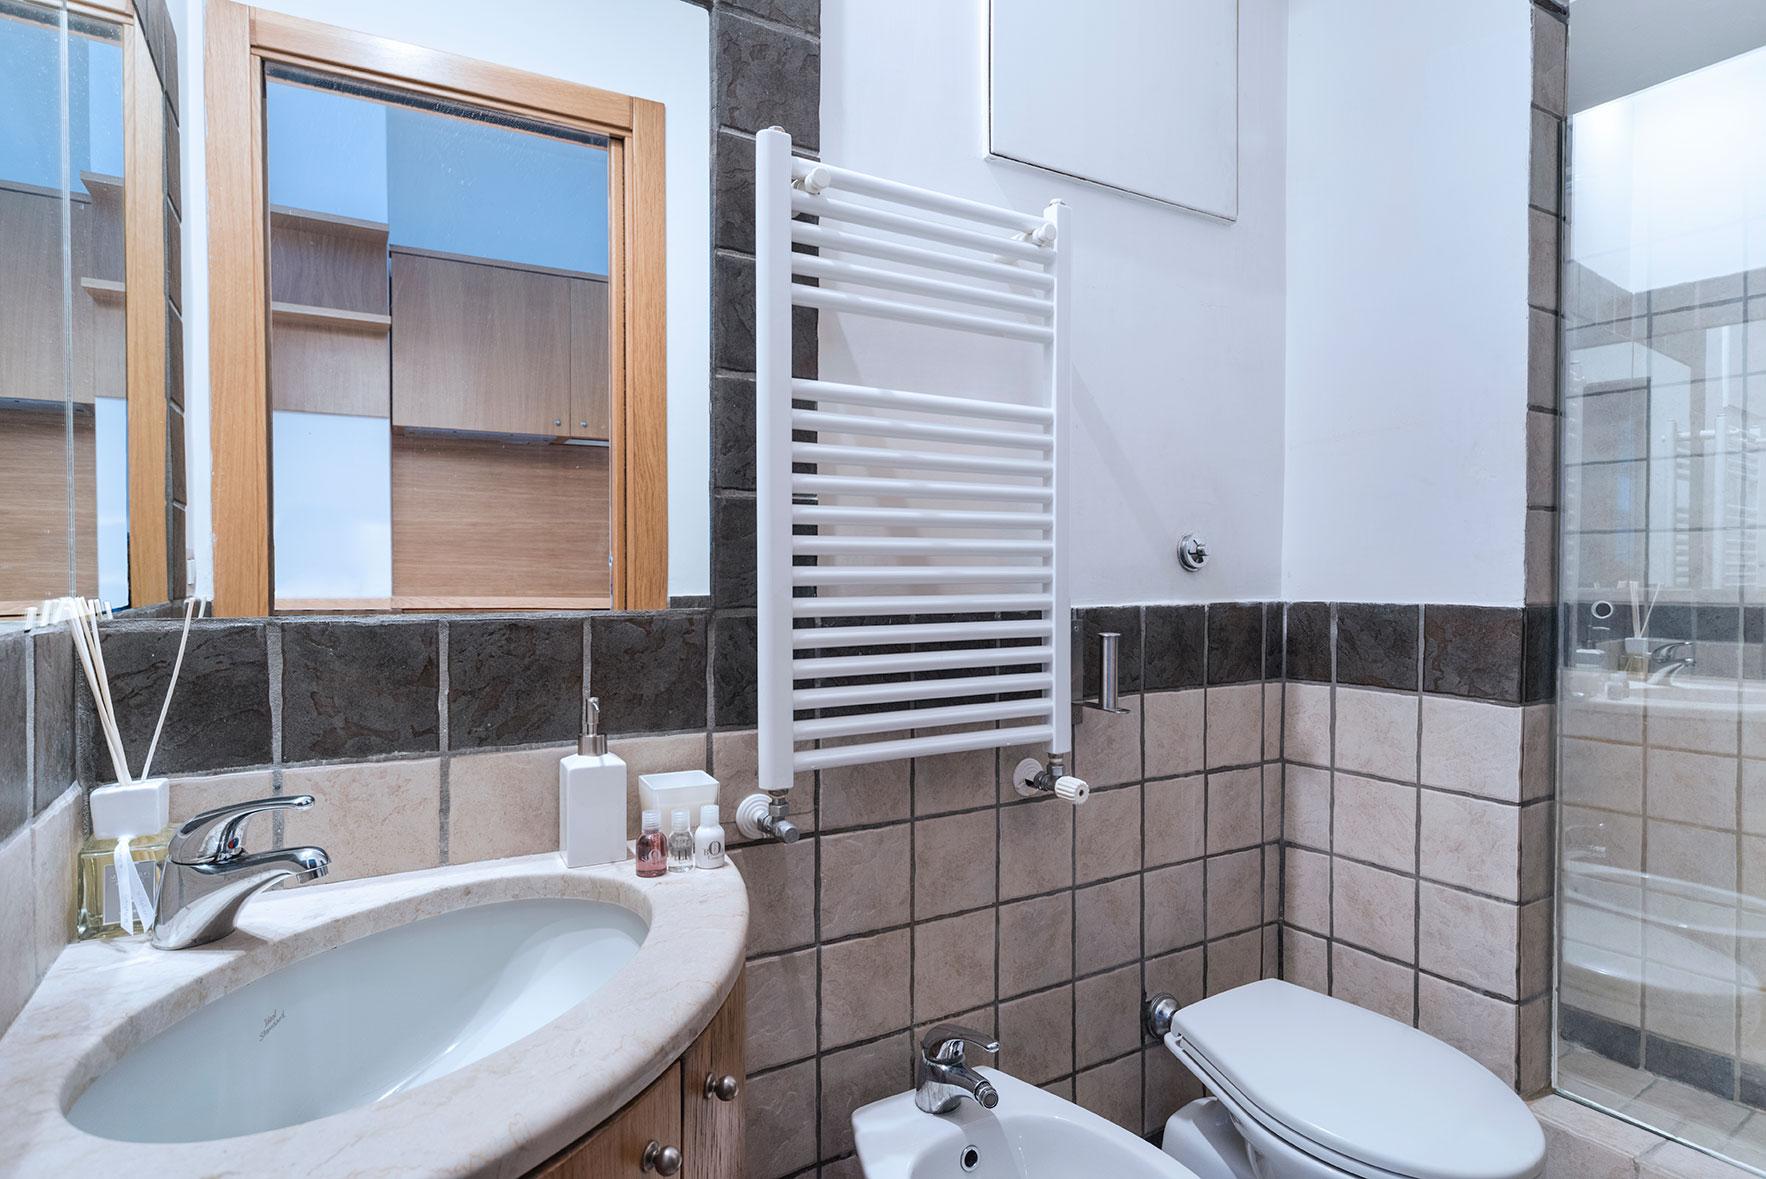 appartamento-classic-fiorentini-residence-napoli-4